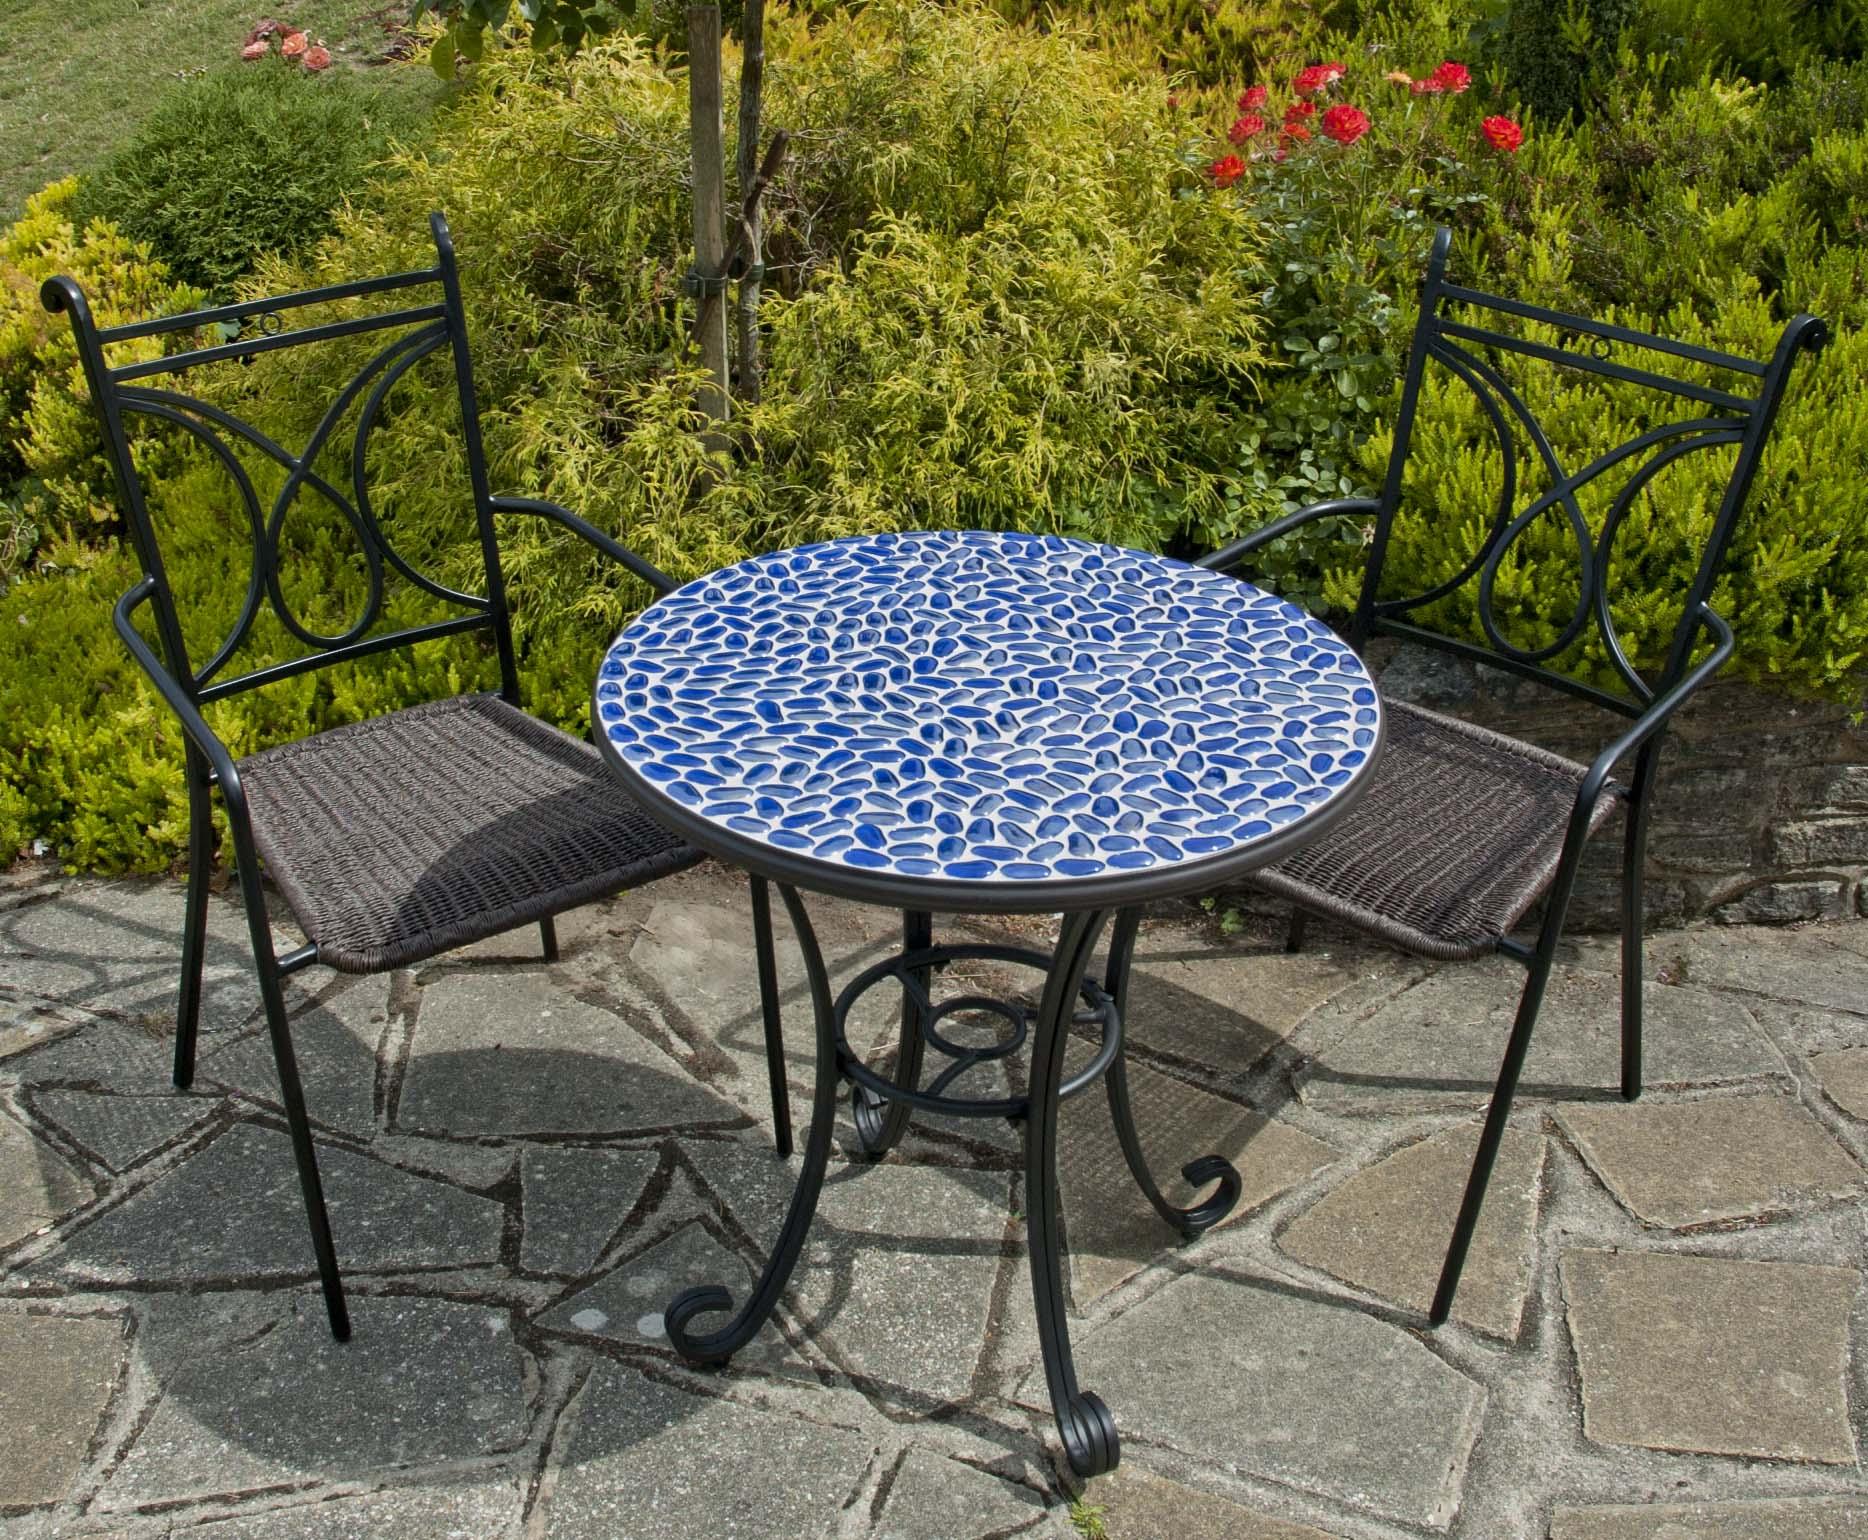 Garden Furniture Mosaic faro 70cm round glass mosaic garden table £104.99